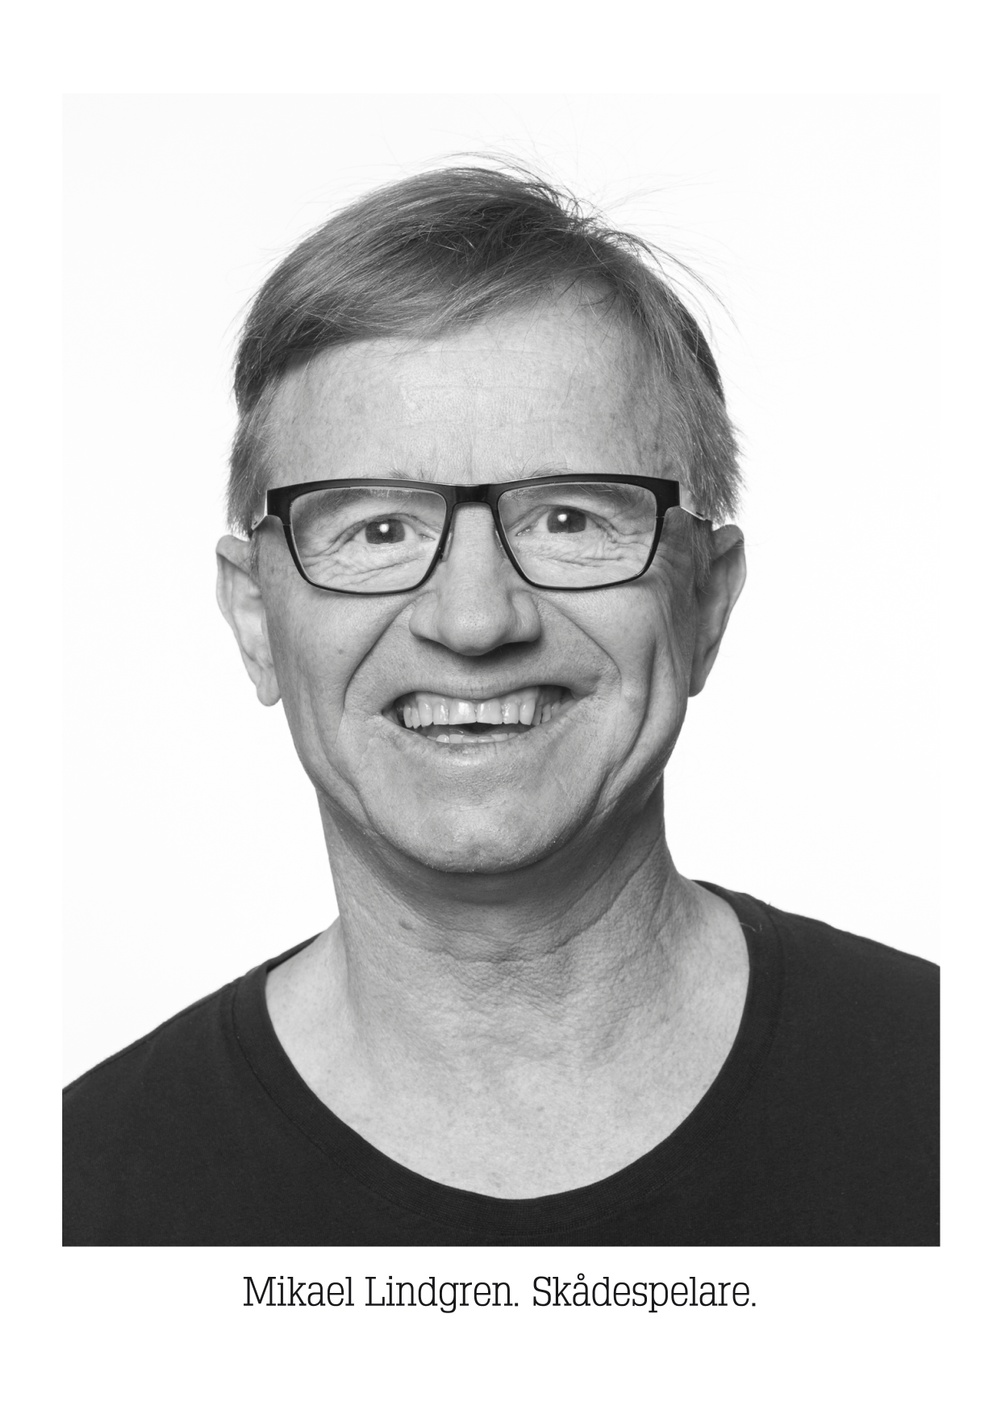 Mikael Lindgren, skådespelare på Västerbottensteatern. Foto: Patrick Degerman.